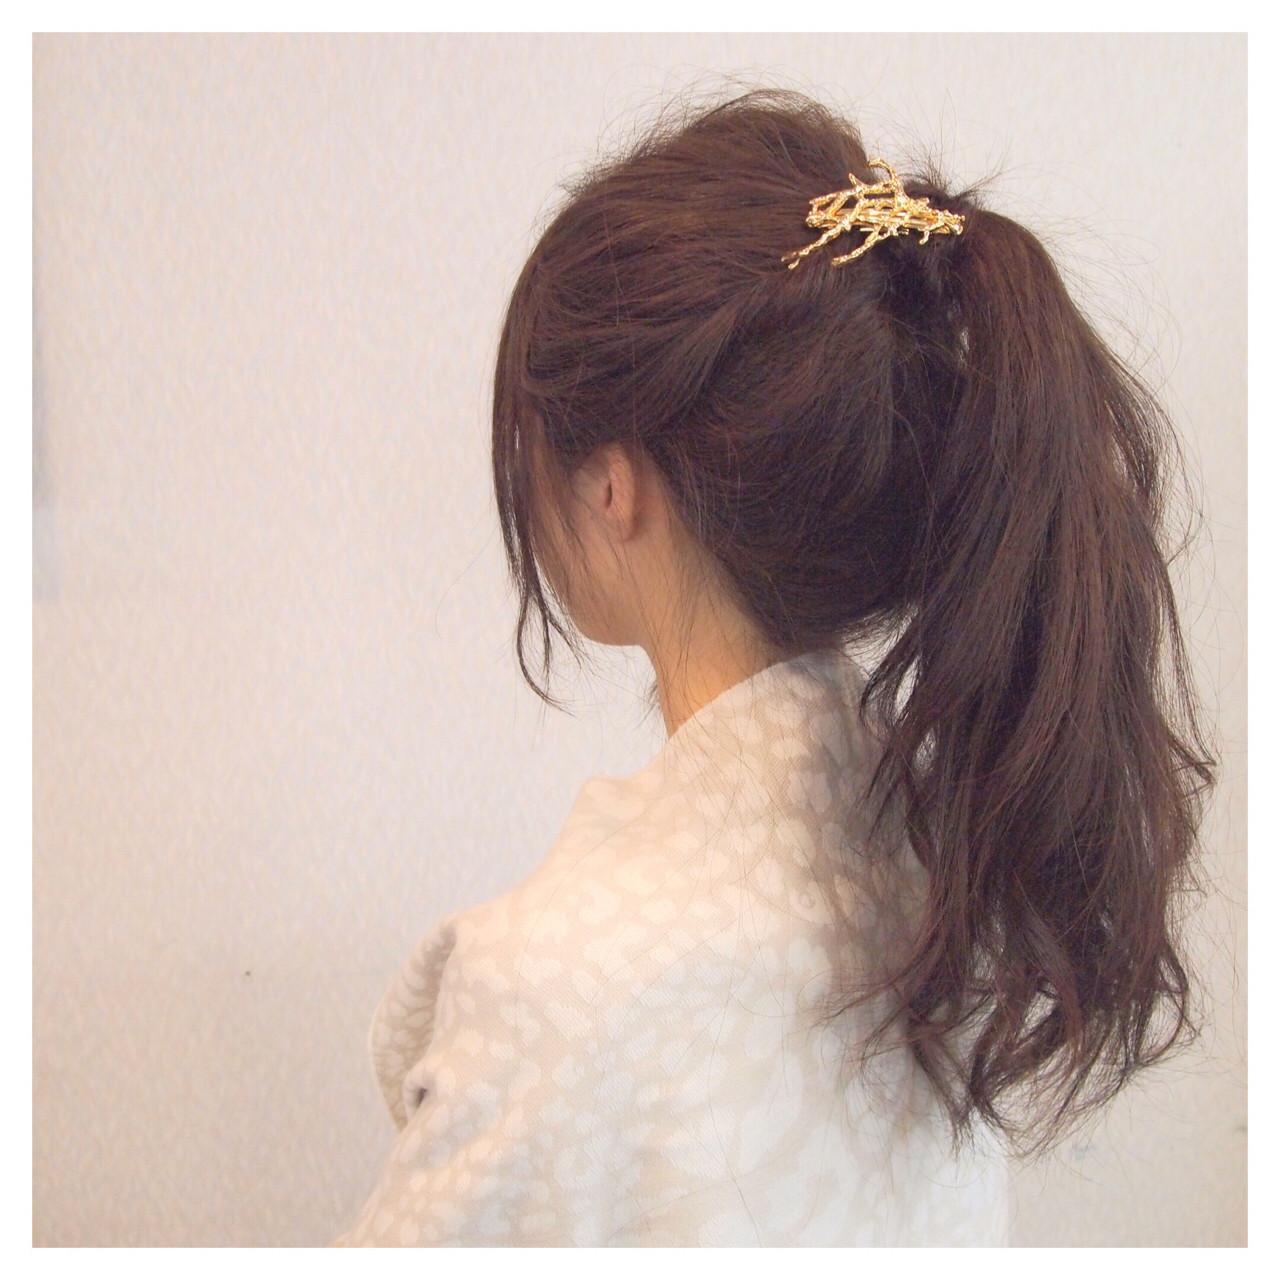 ヘアアレンジ 大人女子 簡単ヘアアレンジ 結婚式 ヘアスタイルや髪型の写真・画像 | ヤマナカサトル / DIOR of Hair